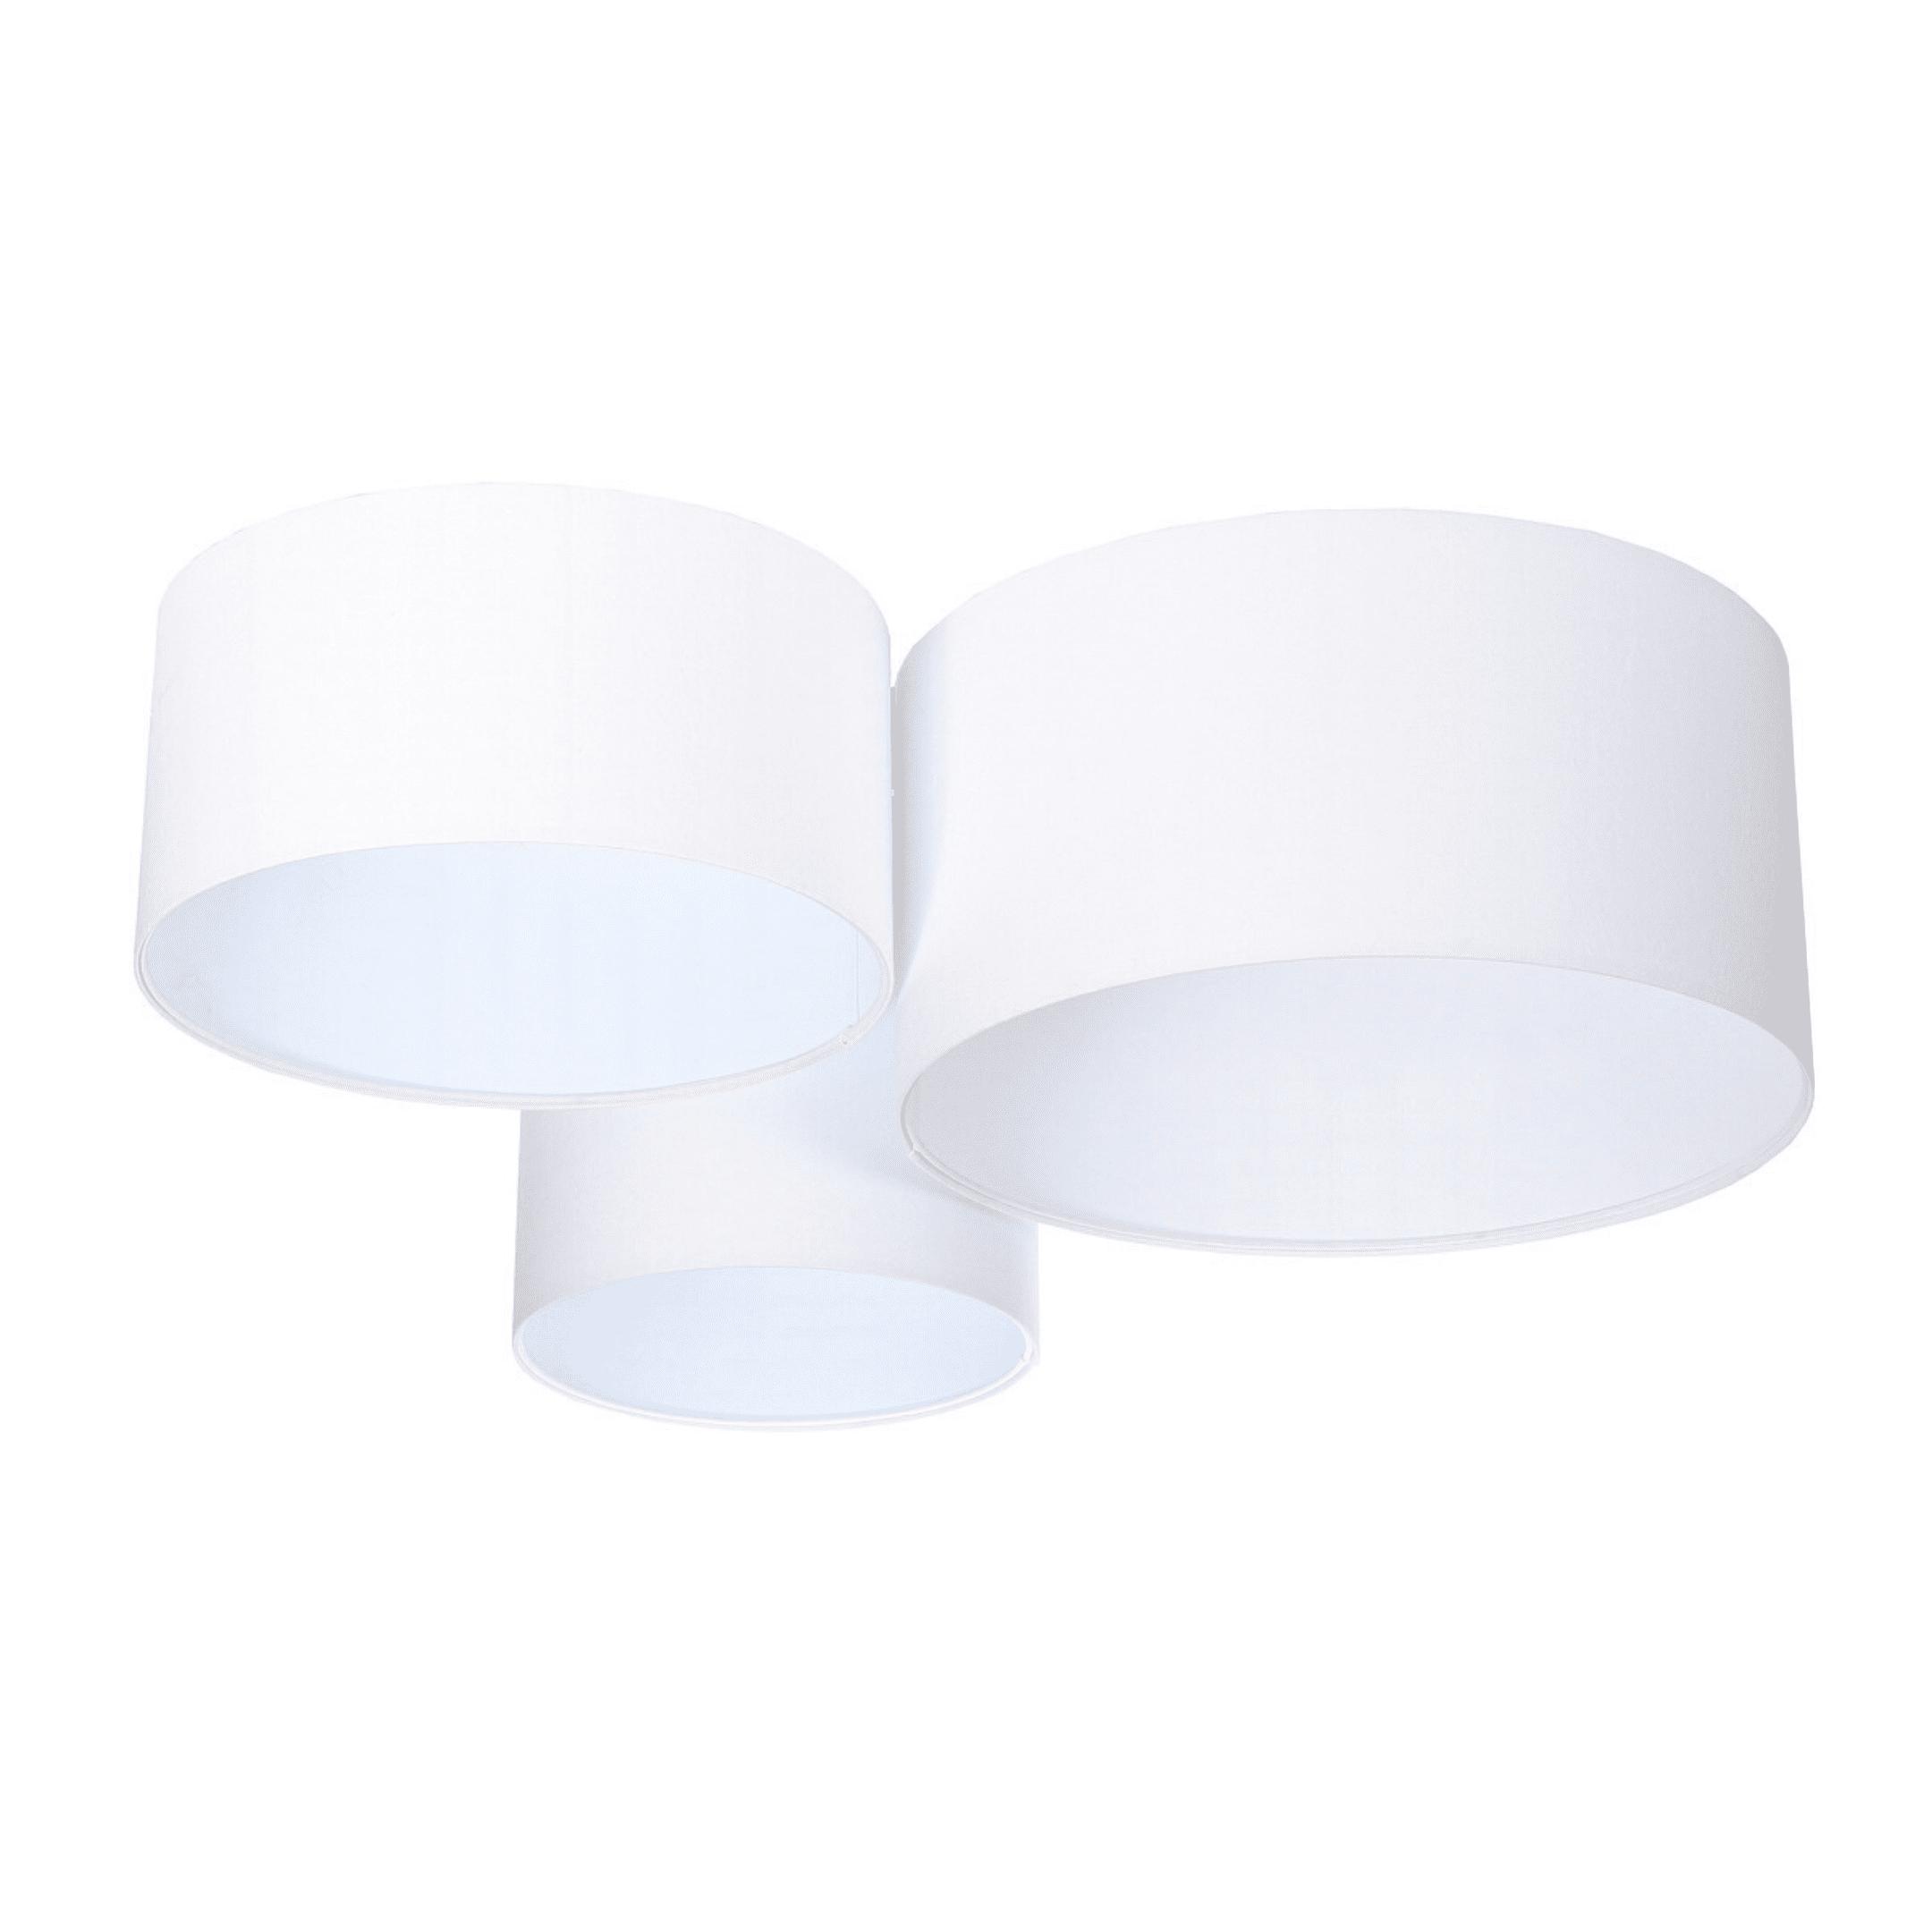 bialy-plafon-sufitowy-lampa-przysufitowa-ryssa